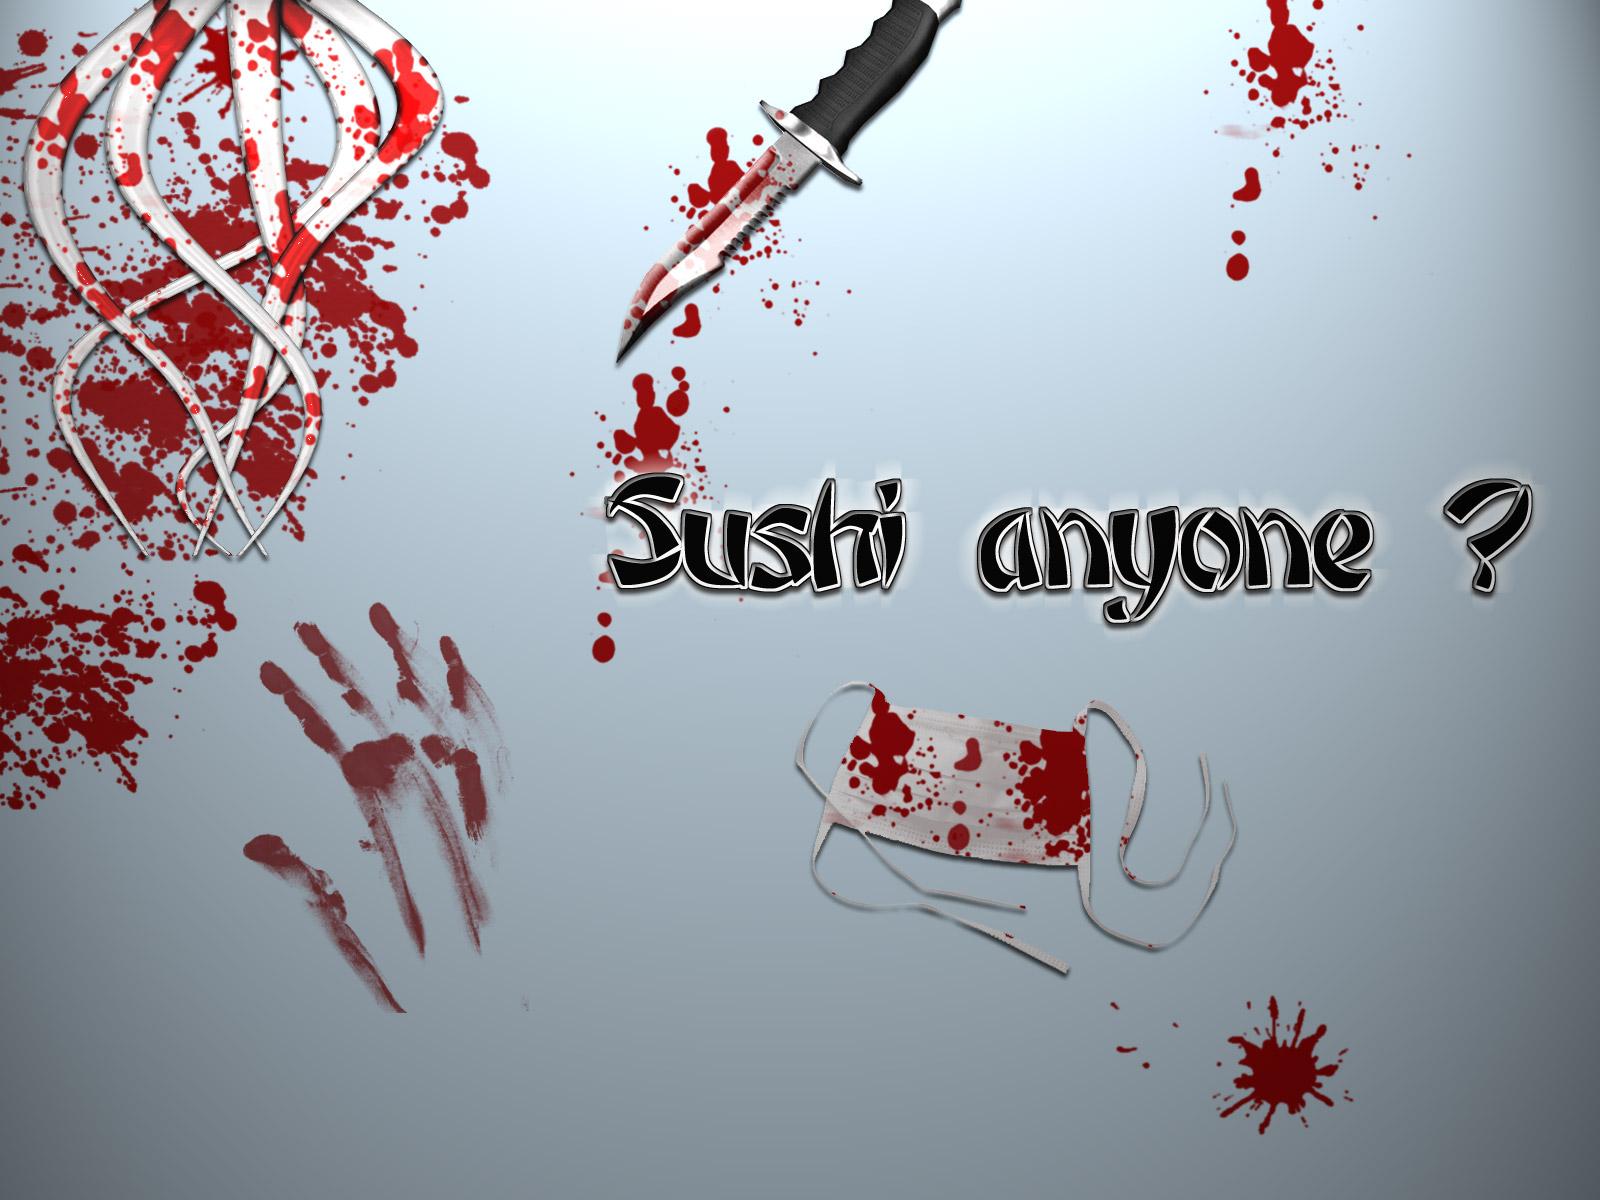 Sushi anyone